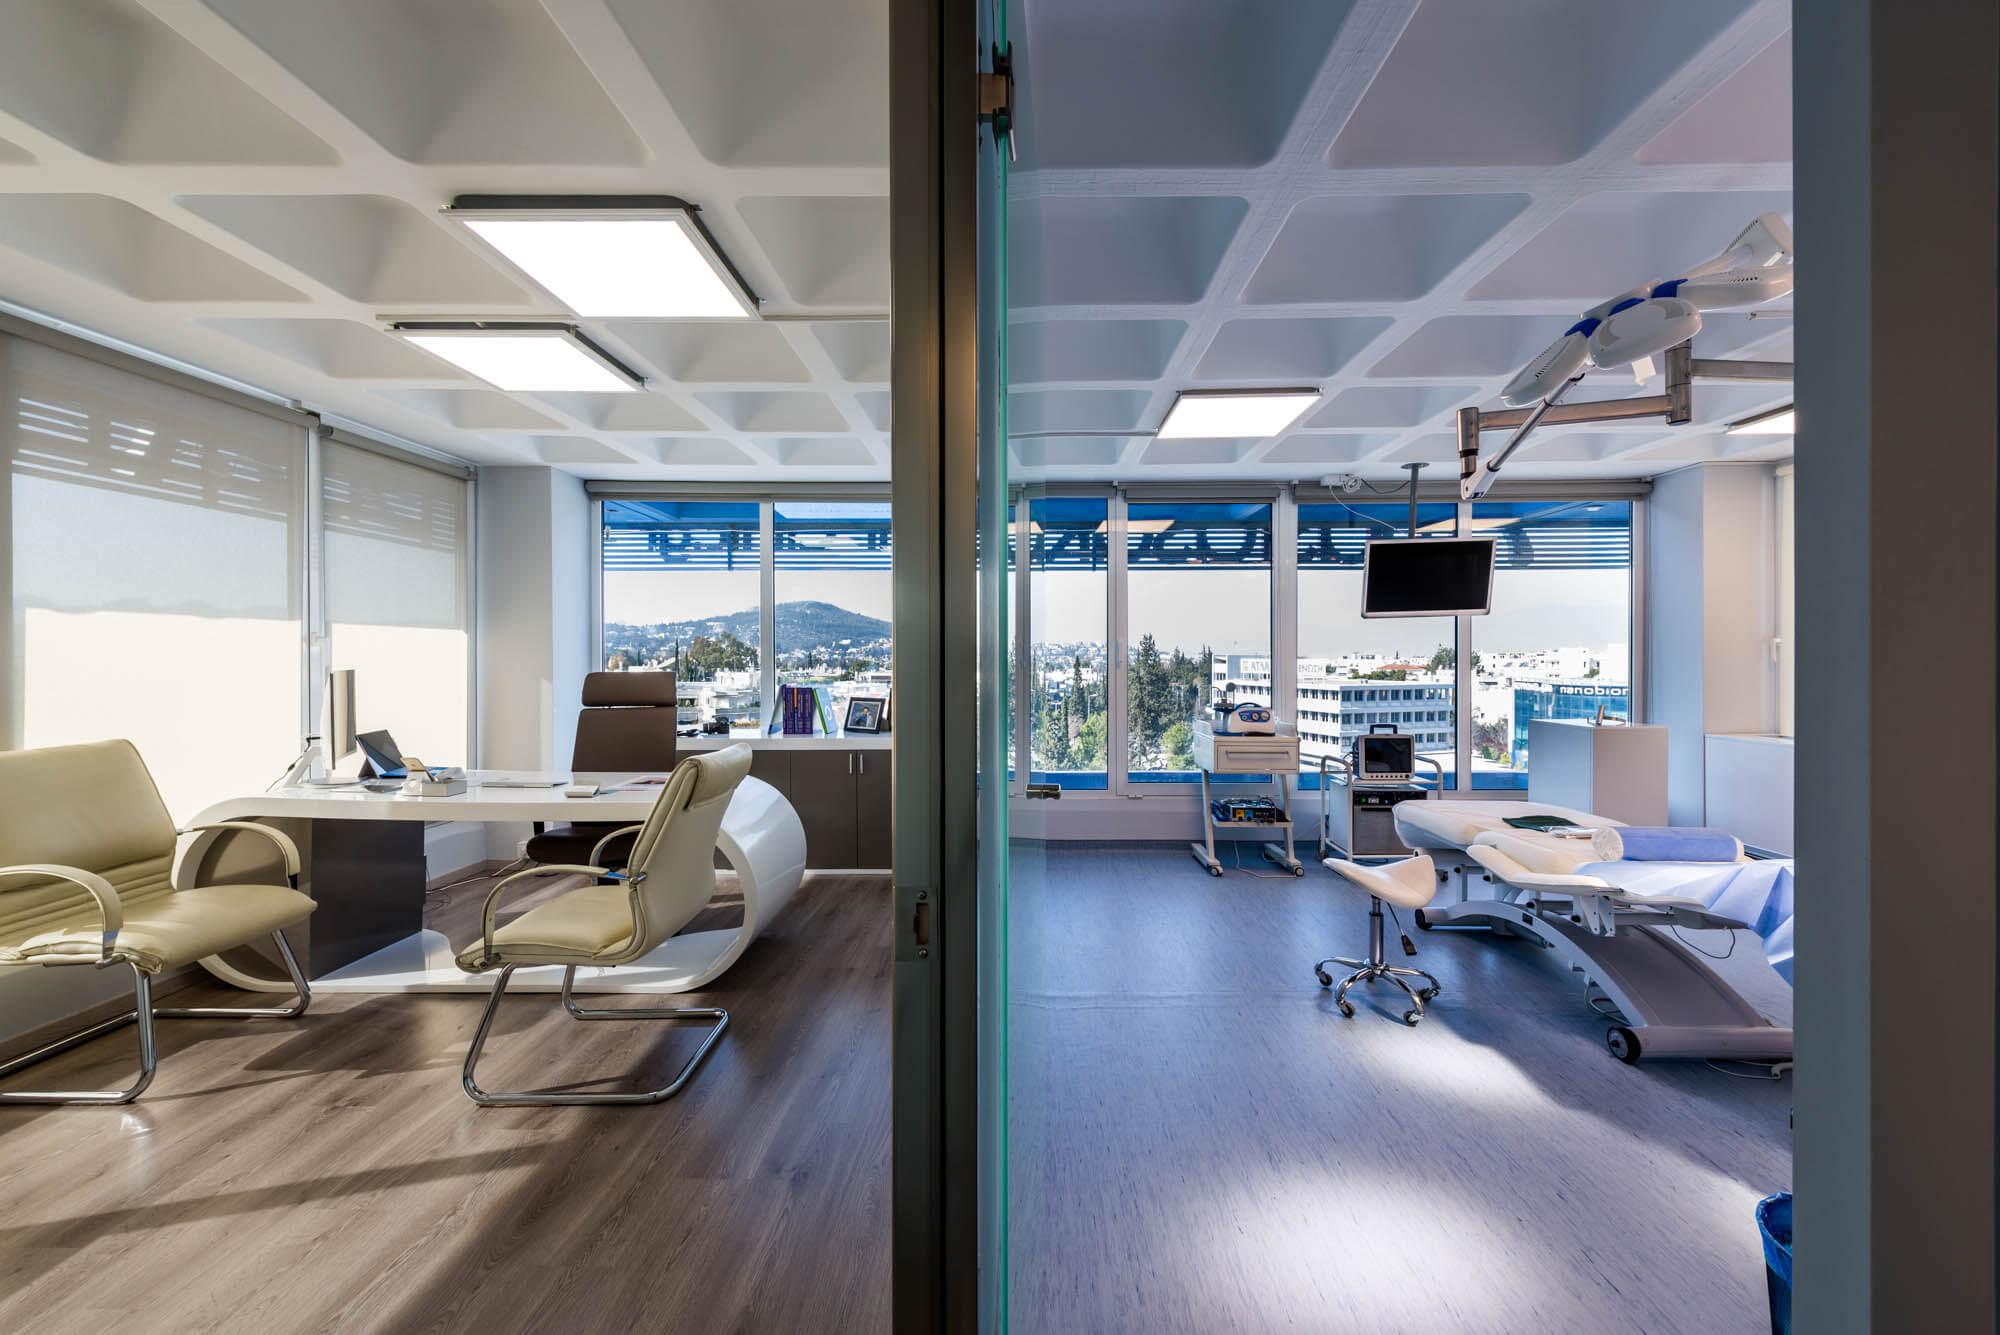 Γραφείο ιατρού & χειρουργείο